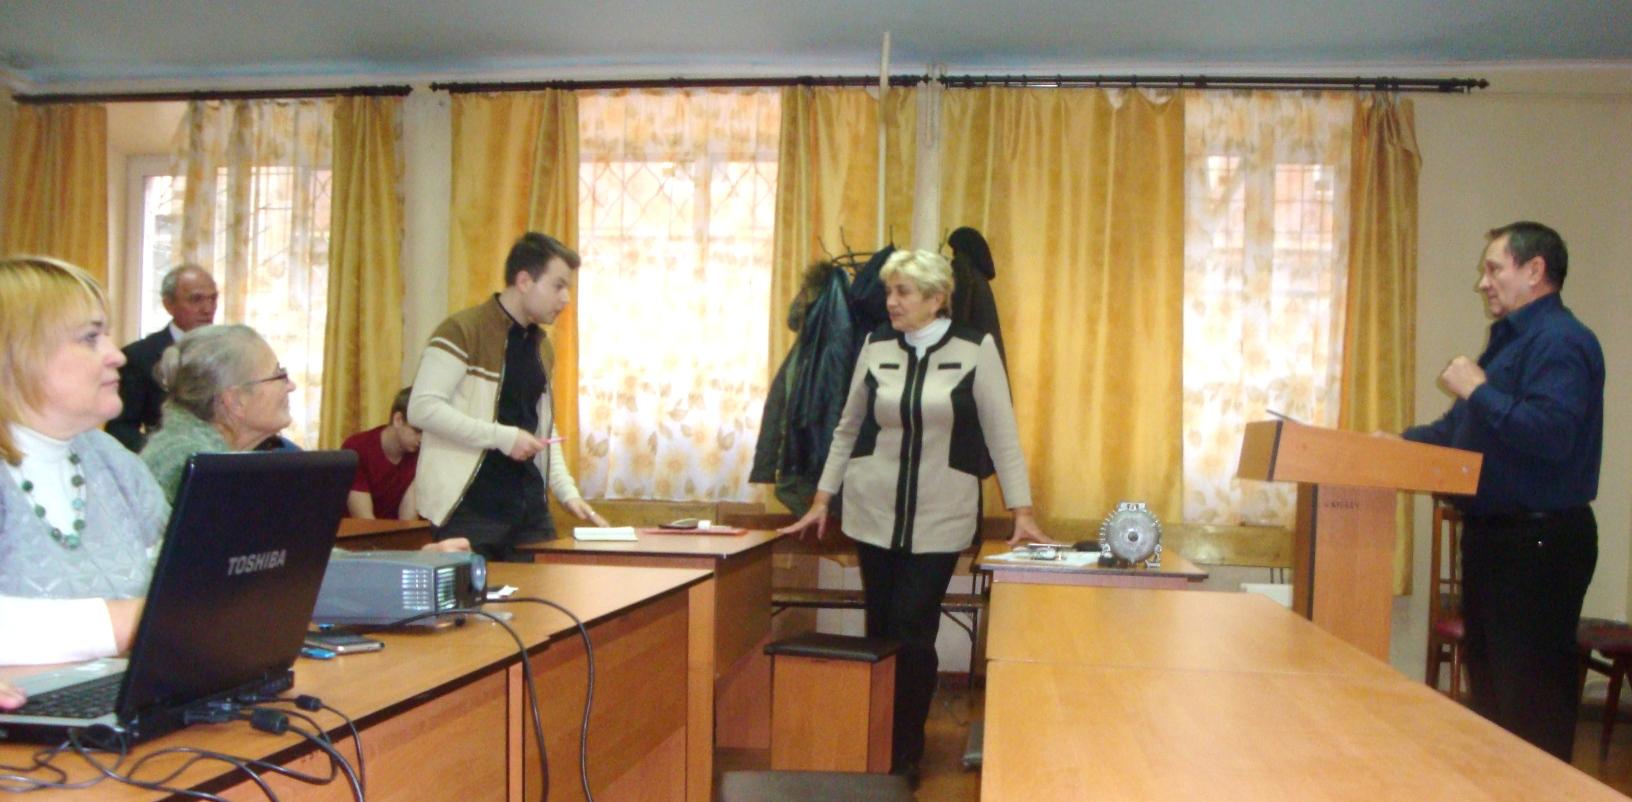 Проф. Яровенко В.А. (Соавтор доц. Зарицкая А.И., ОНМУ, Одесса)